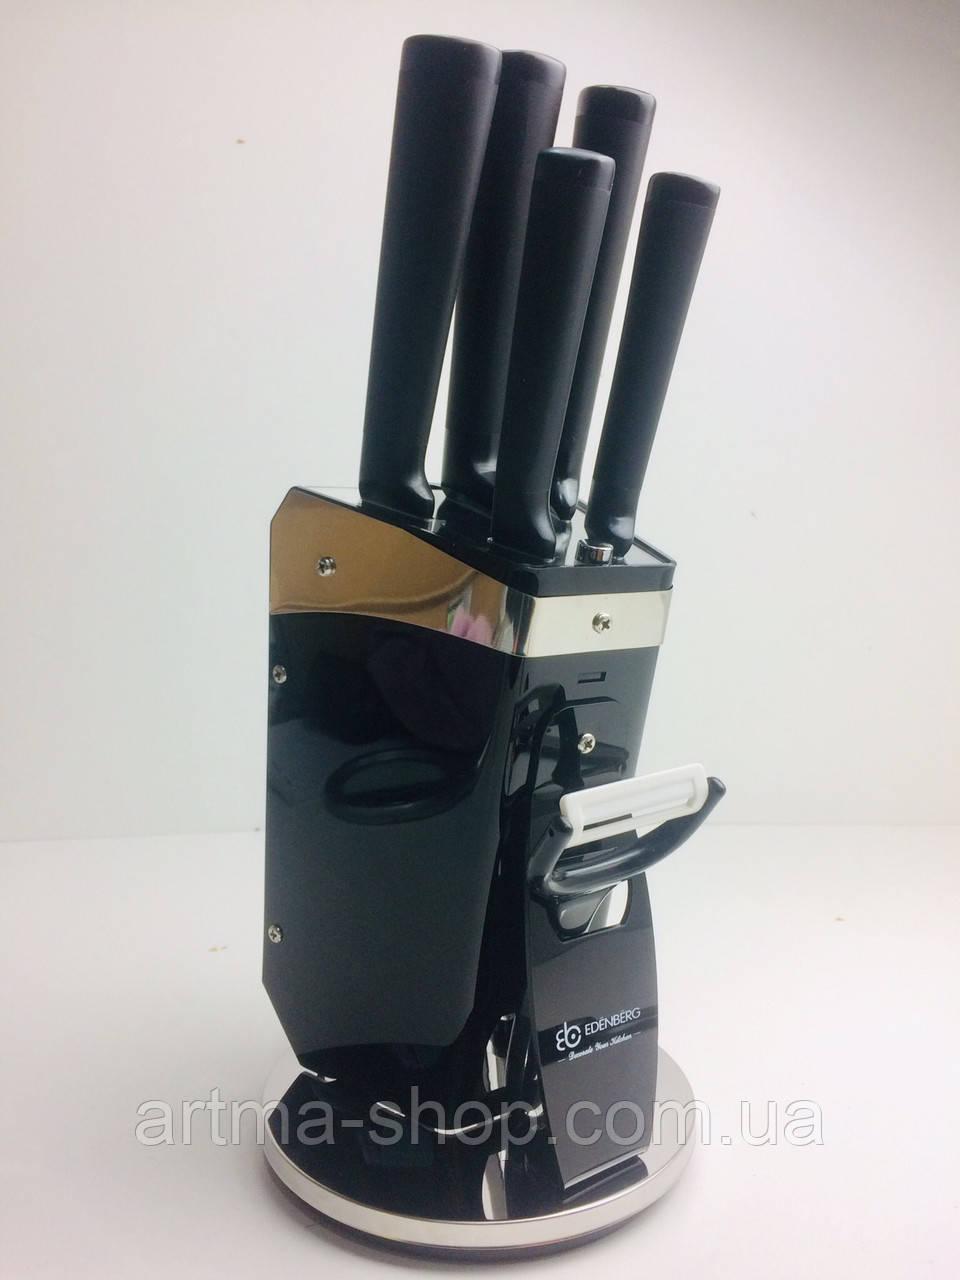 Набор чёрных ножей на акриловой чёрной подставке 8 предметов Edenberg Нержавеющая сталь